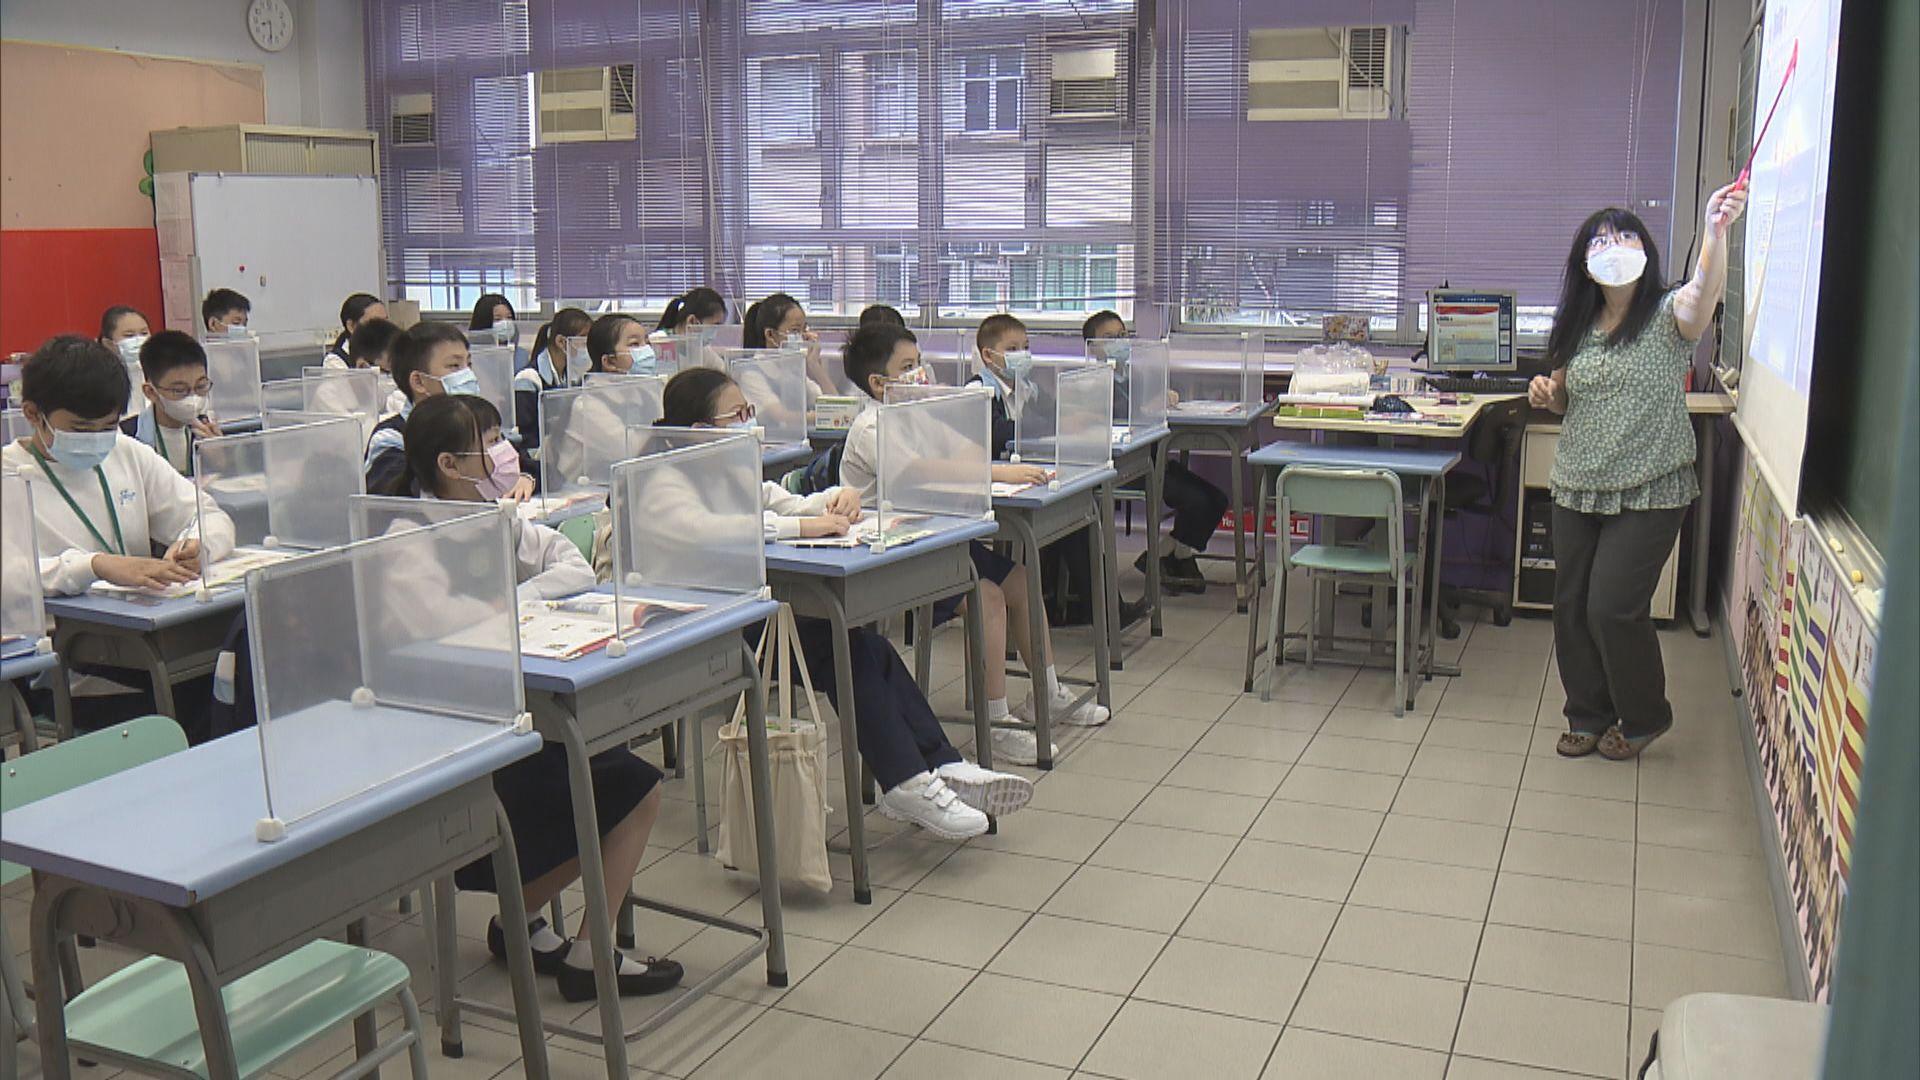 教育局:小學逐步推行生涯規劃教育 2024年新學年全面實施